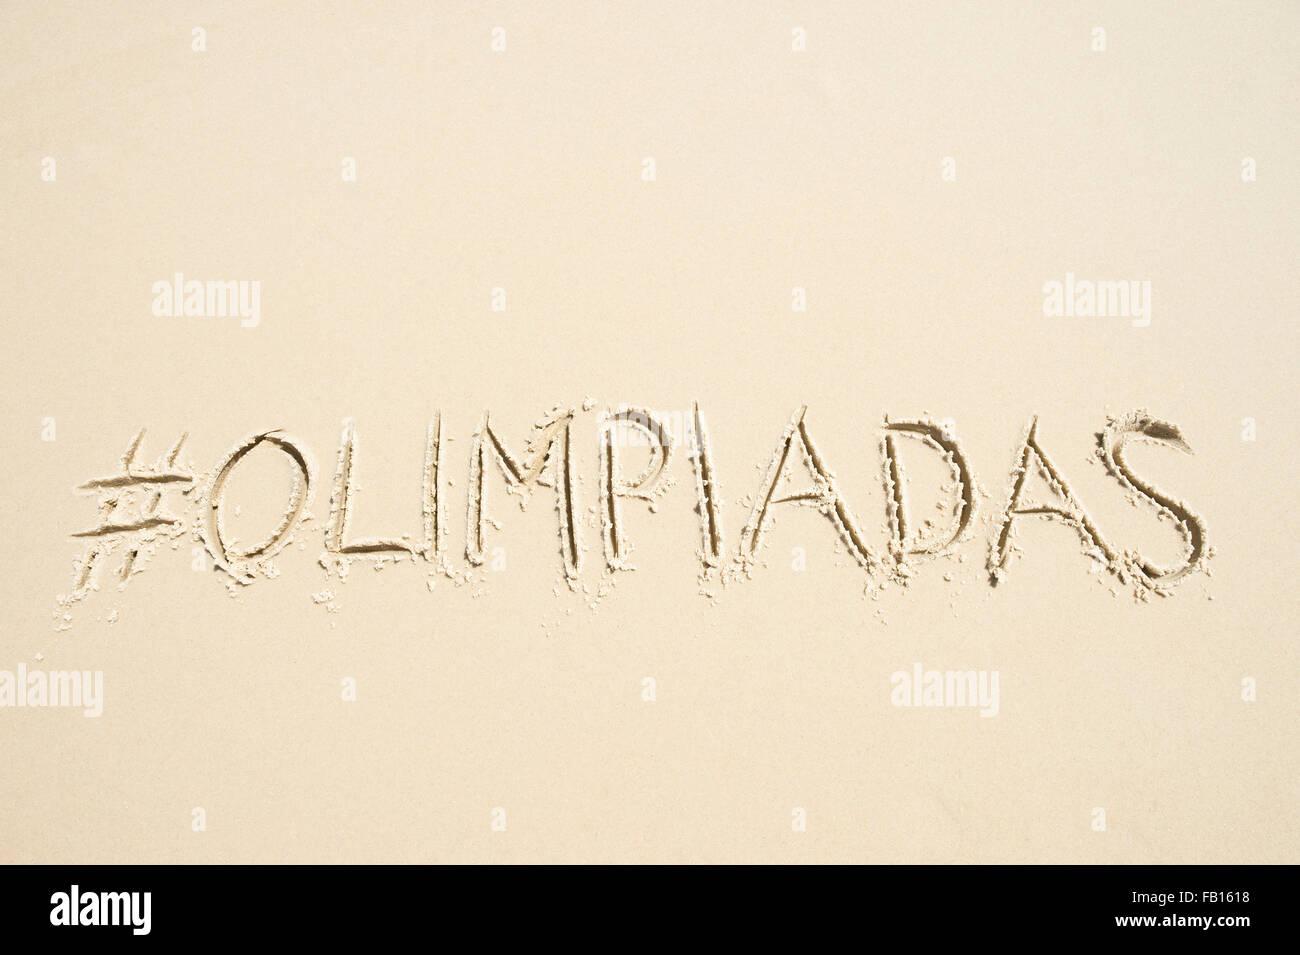 Río de Janeiro, Brasil - noviembre 10, 2015: Simple: Olimpiadas Olimpiadas [traducción] mensaje manuscrita con hashtag. Foto de stock